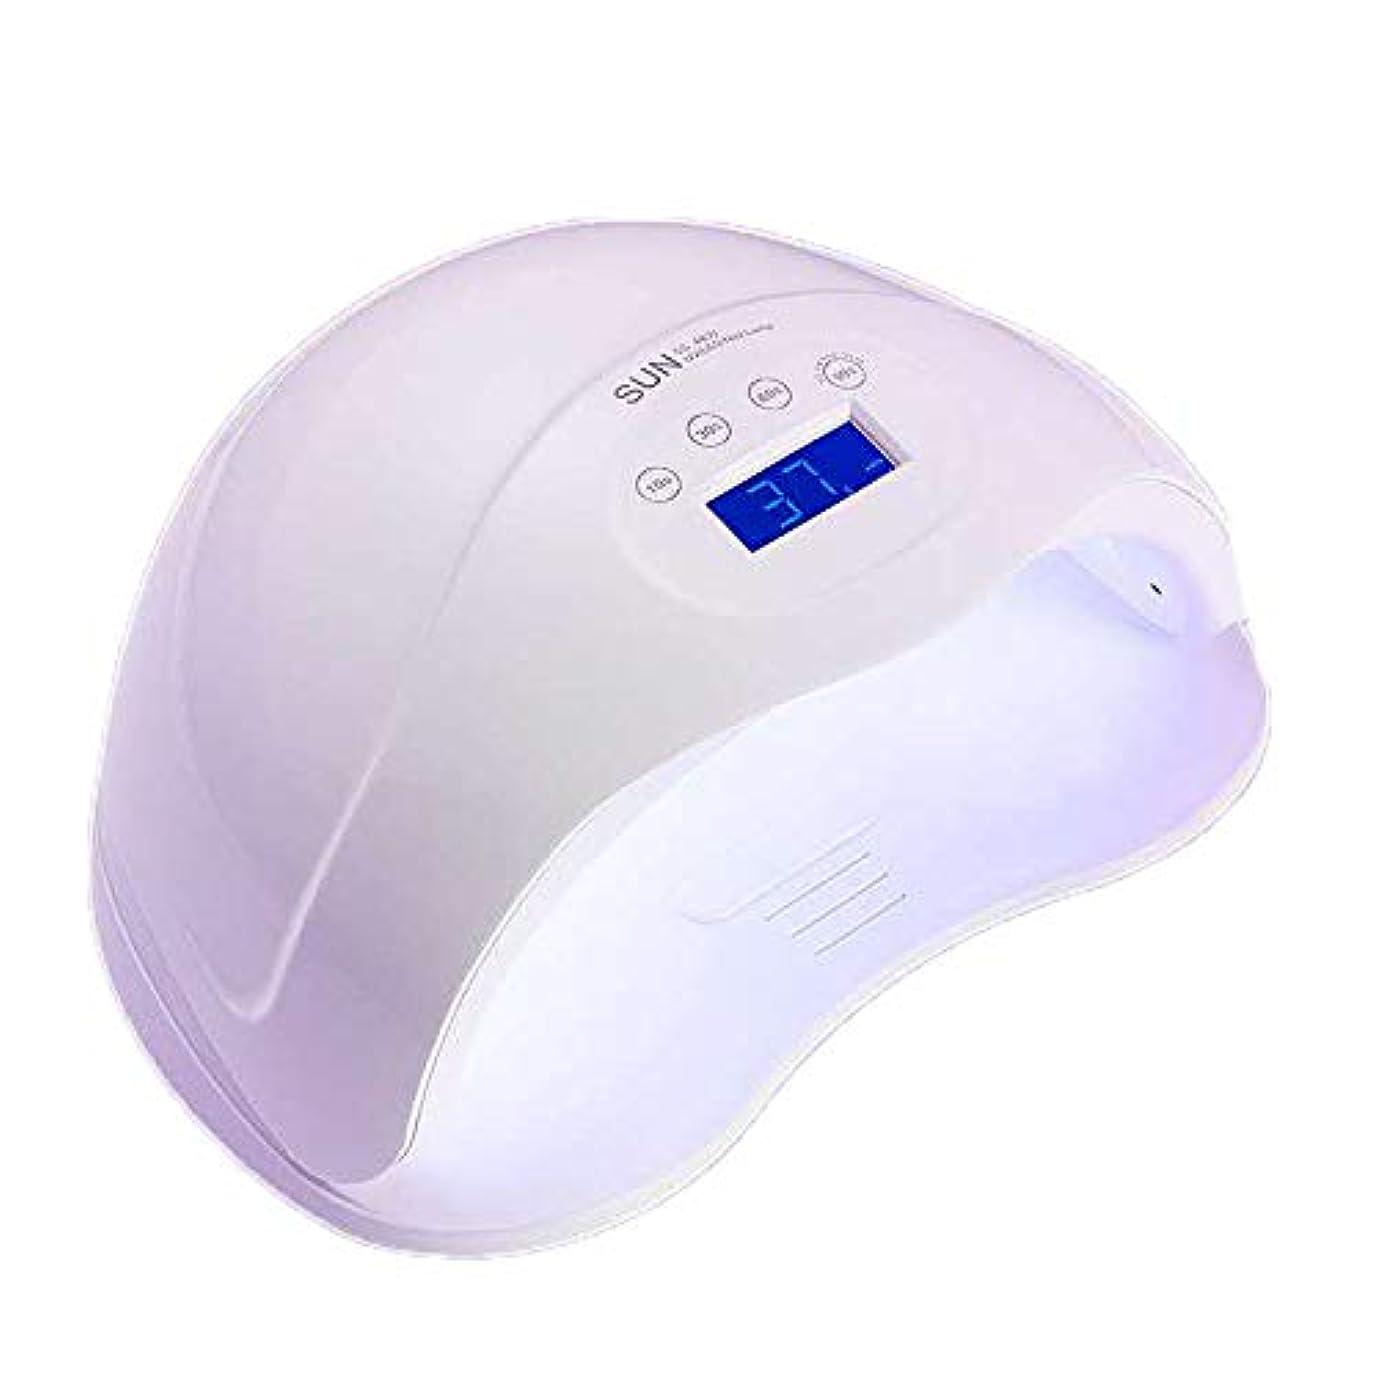 国歌合理的サミットネイルライト48W、UV/LEDネイルドライヤー痛みのない硬化光自動誘導LEDディスプレイ3タイマーセットネイルとトーネイルジェルポリッシュ